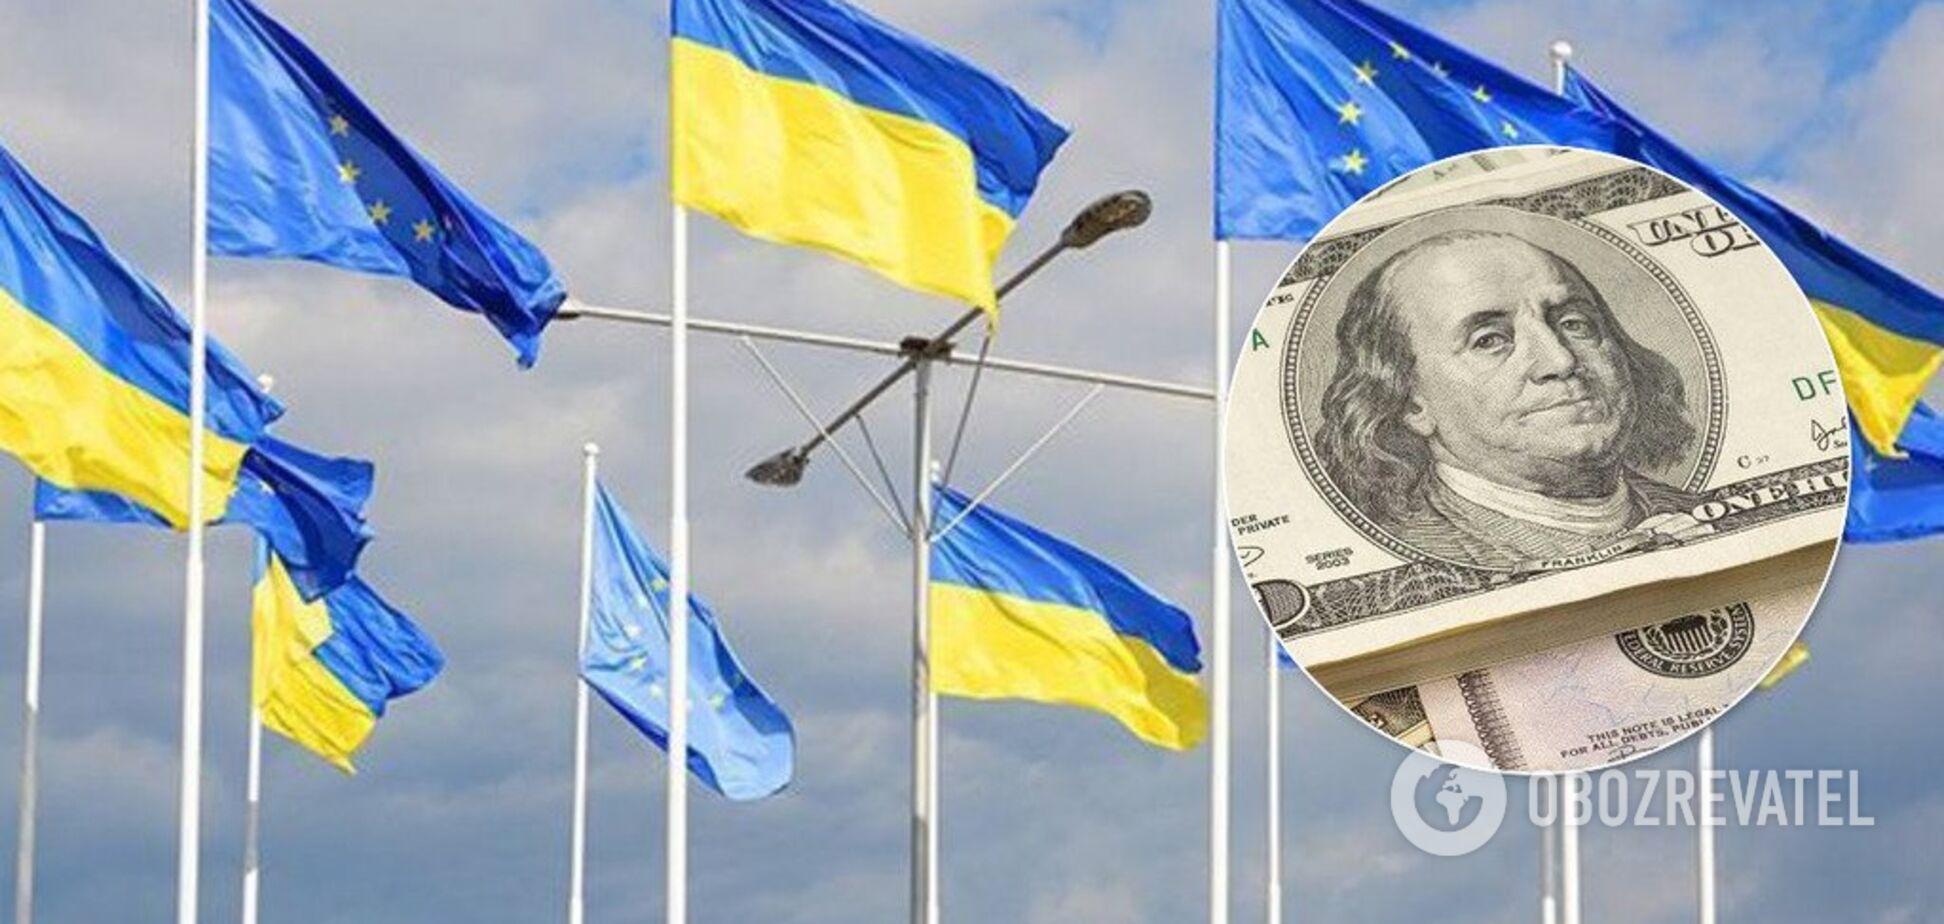 ЕС принял новое решение на счет украинской курятины